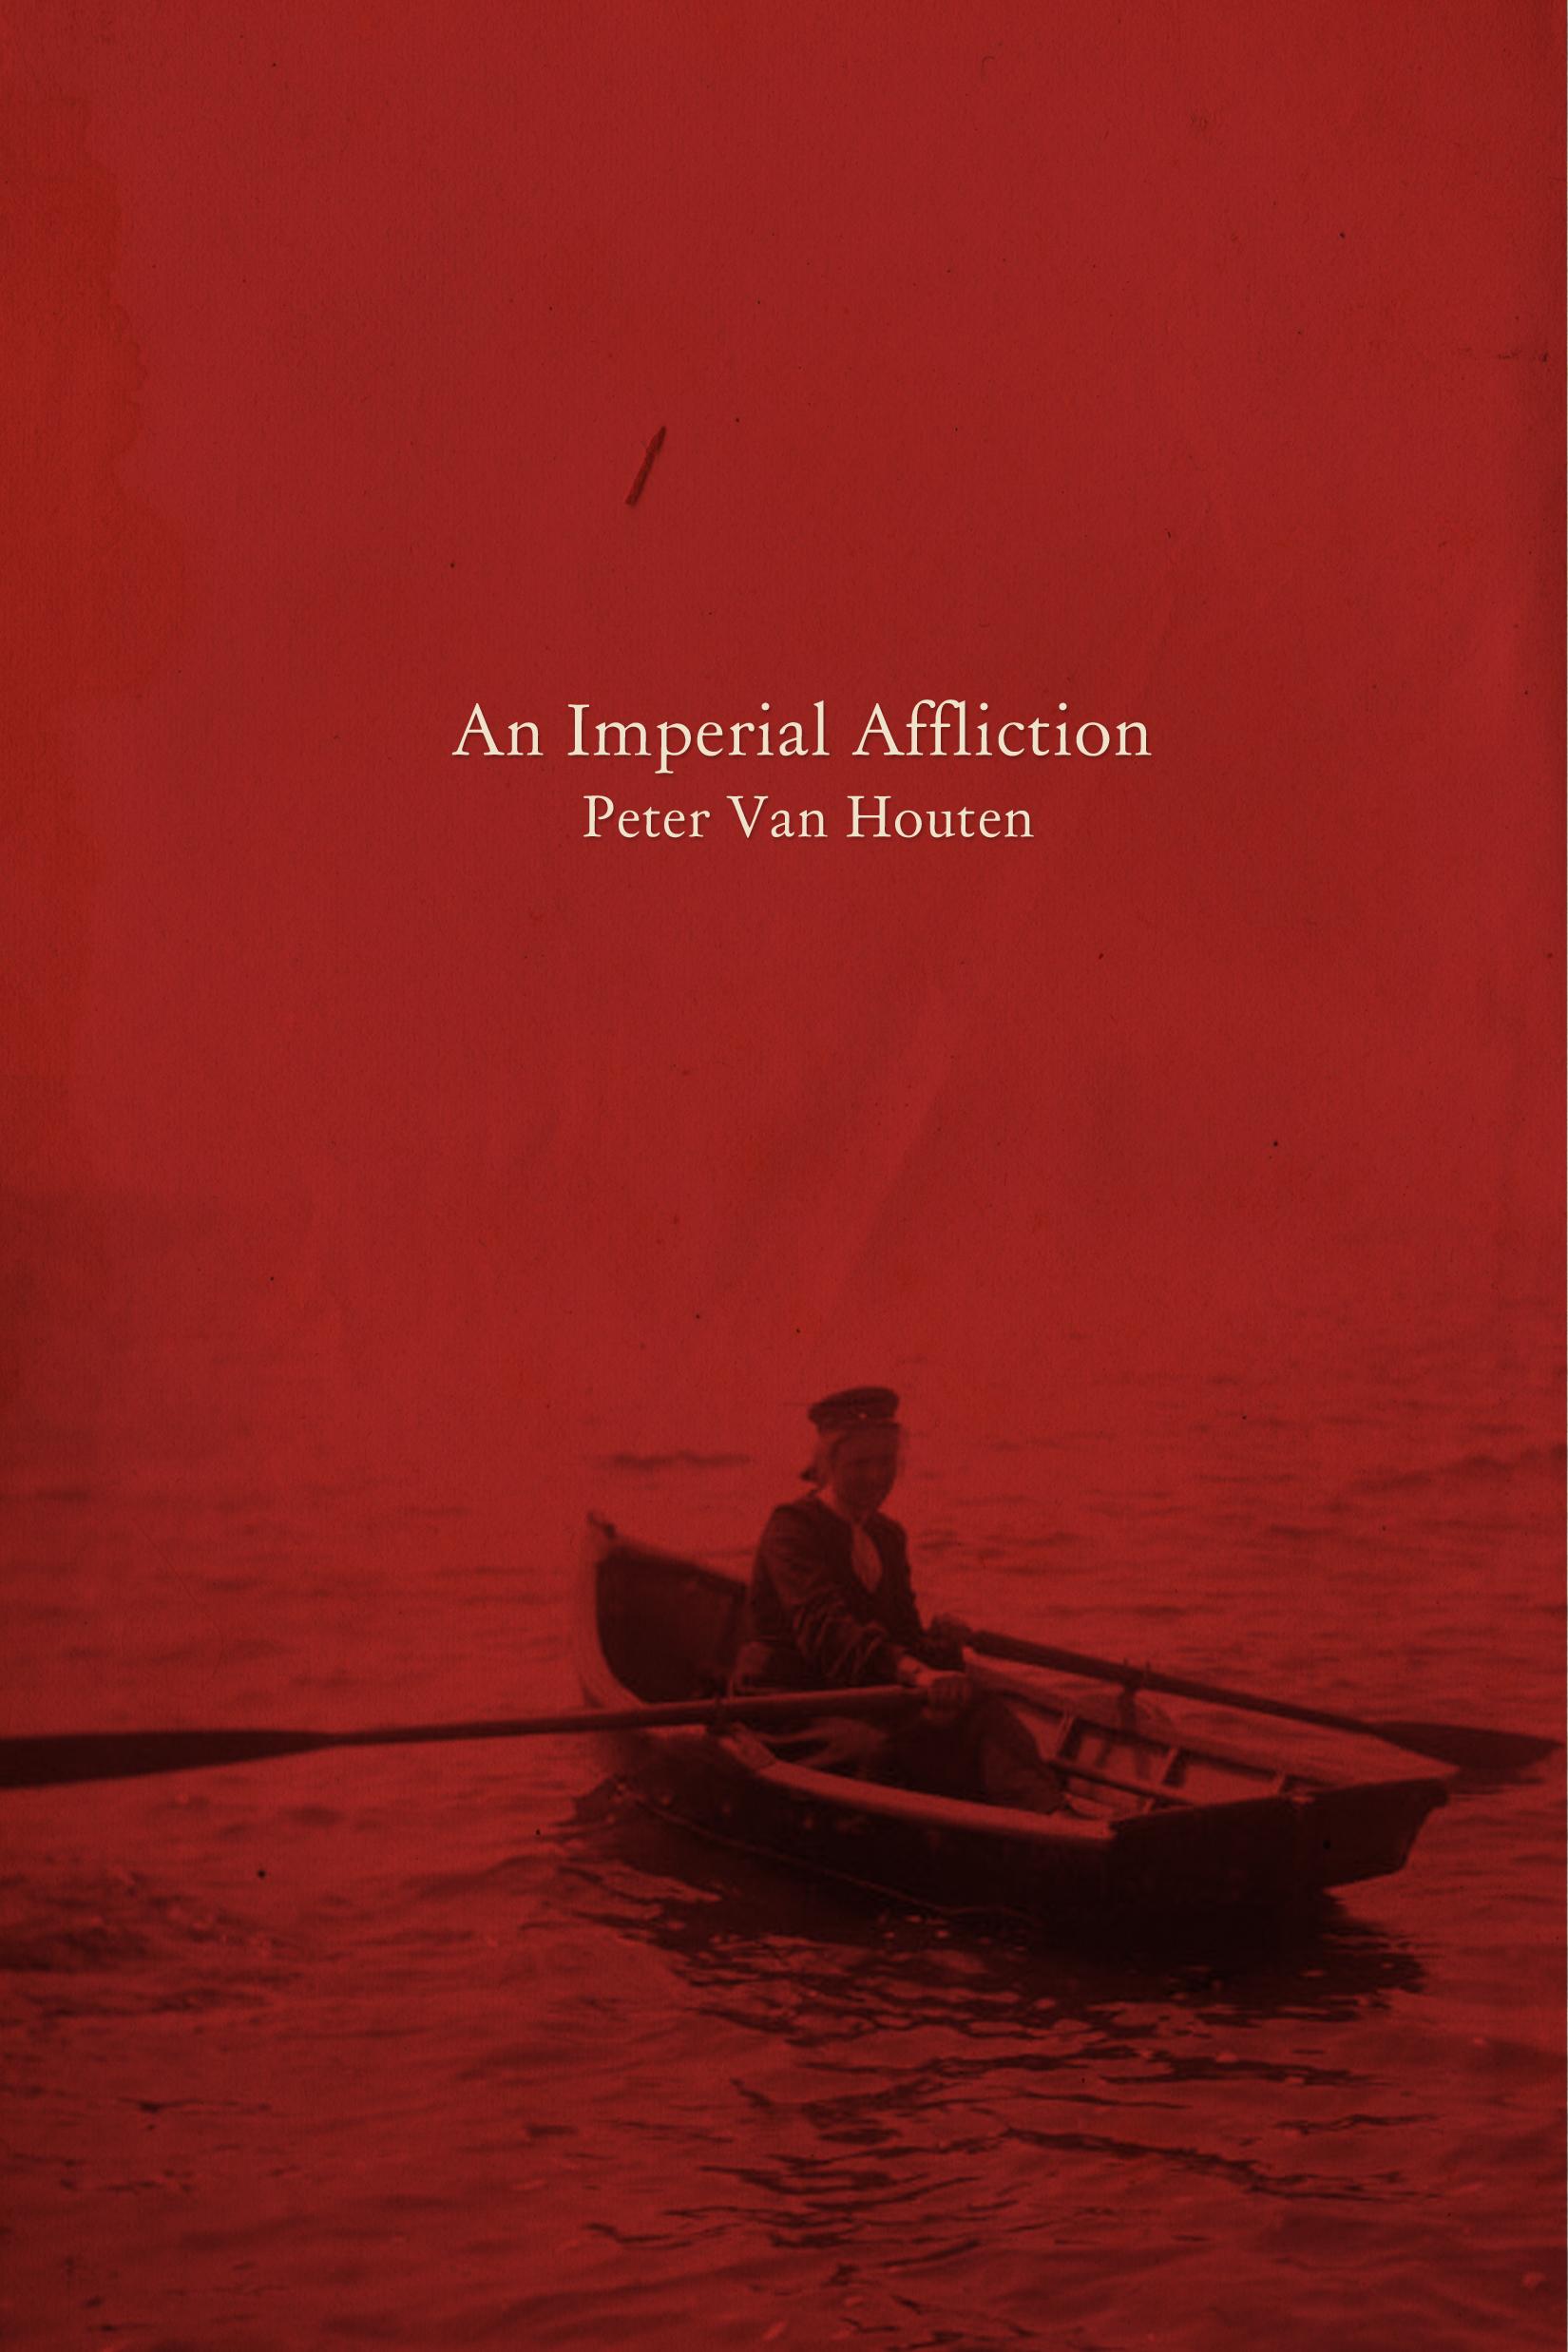 John Green Book Covers by Joviana Carrillo at Coroflotcom